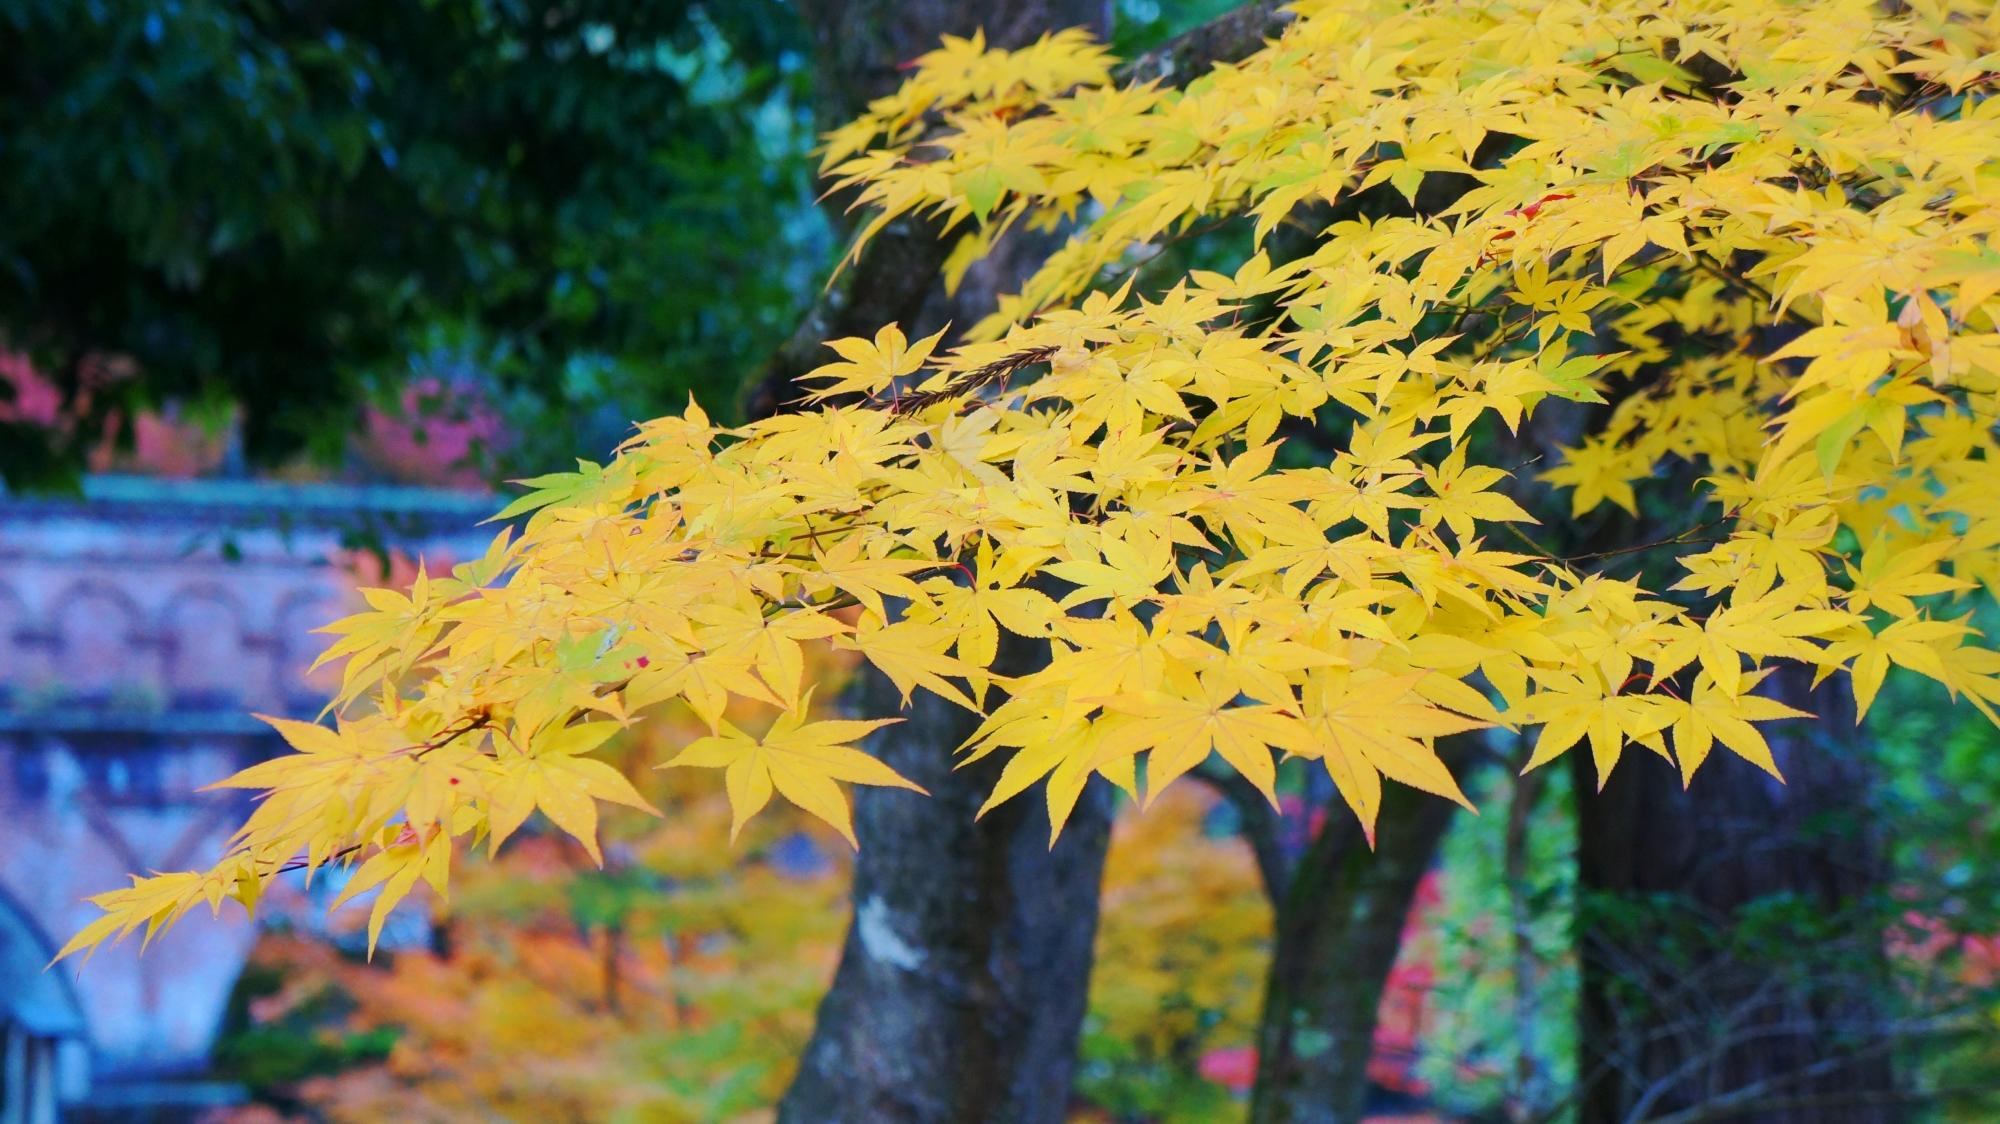 華やかな黄色い紅葉と奥に見える水路閣